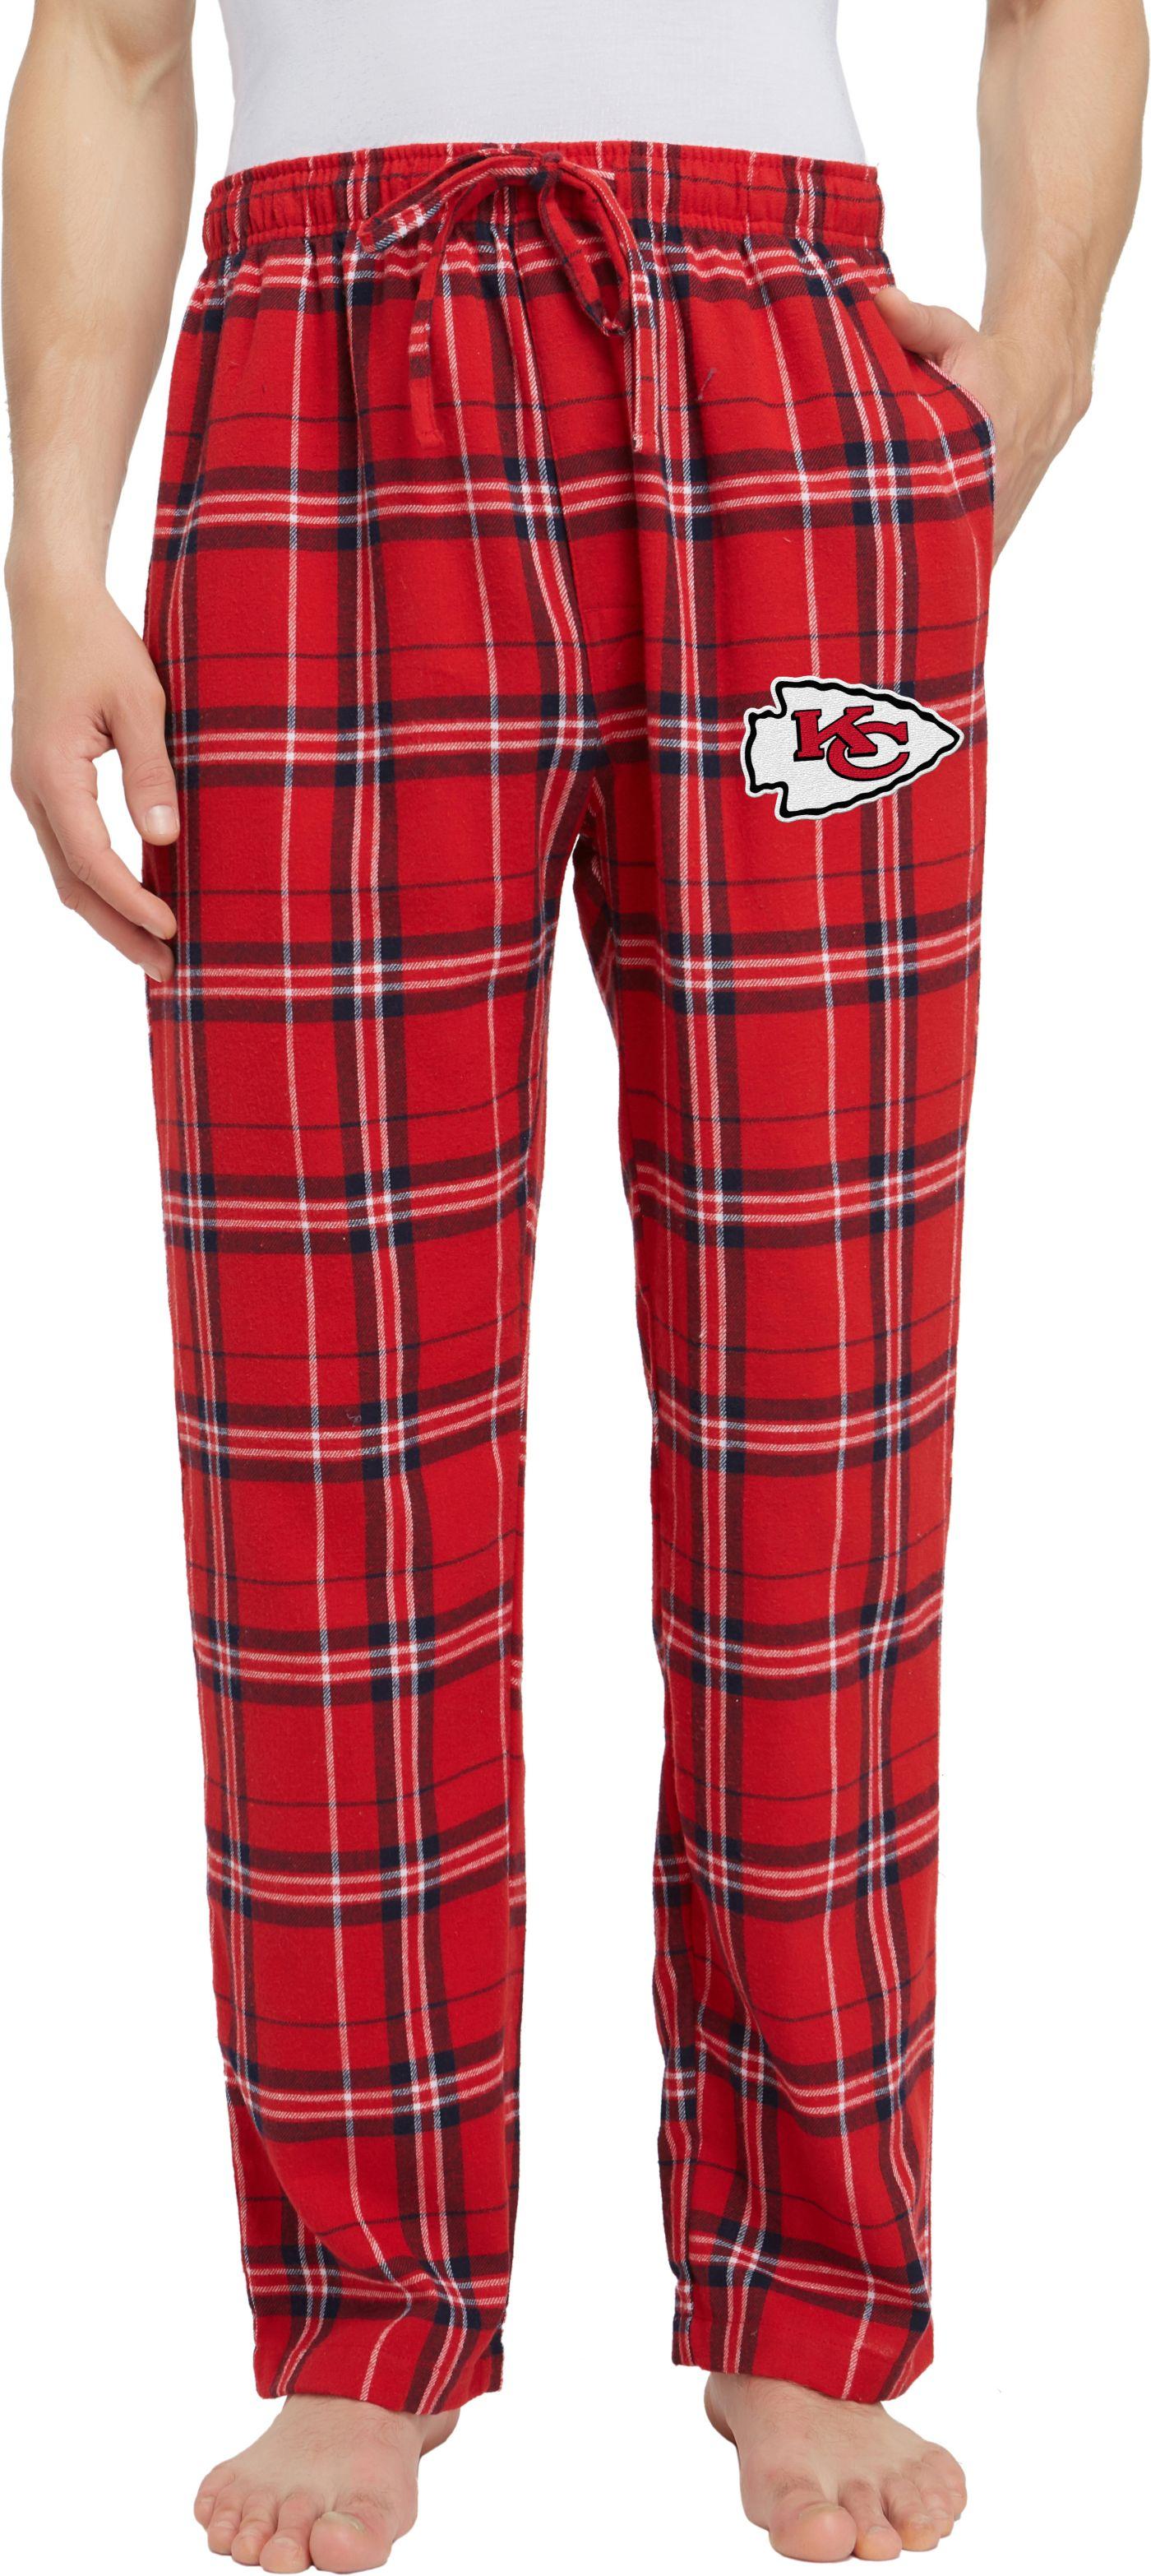 Concepts Sport Men's Kansas City Chiefs Hillstone Flannel Pants